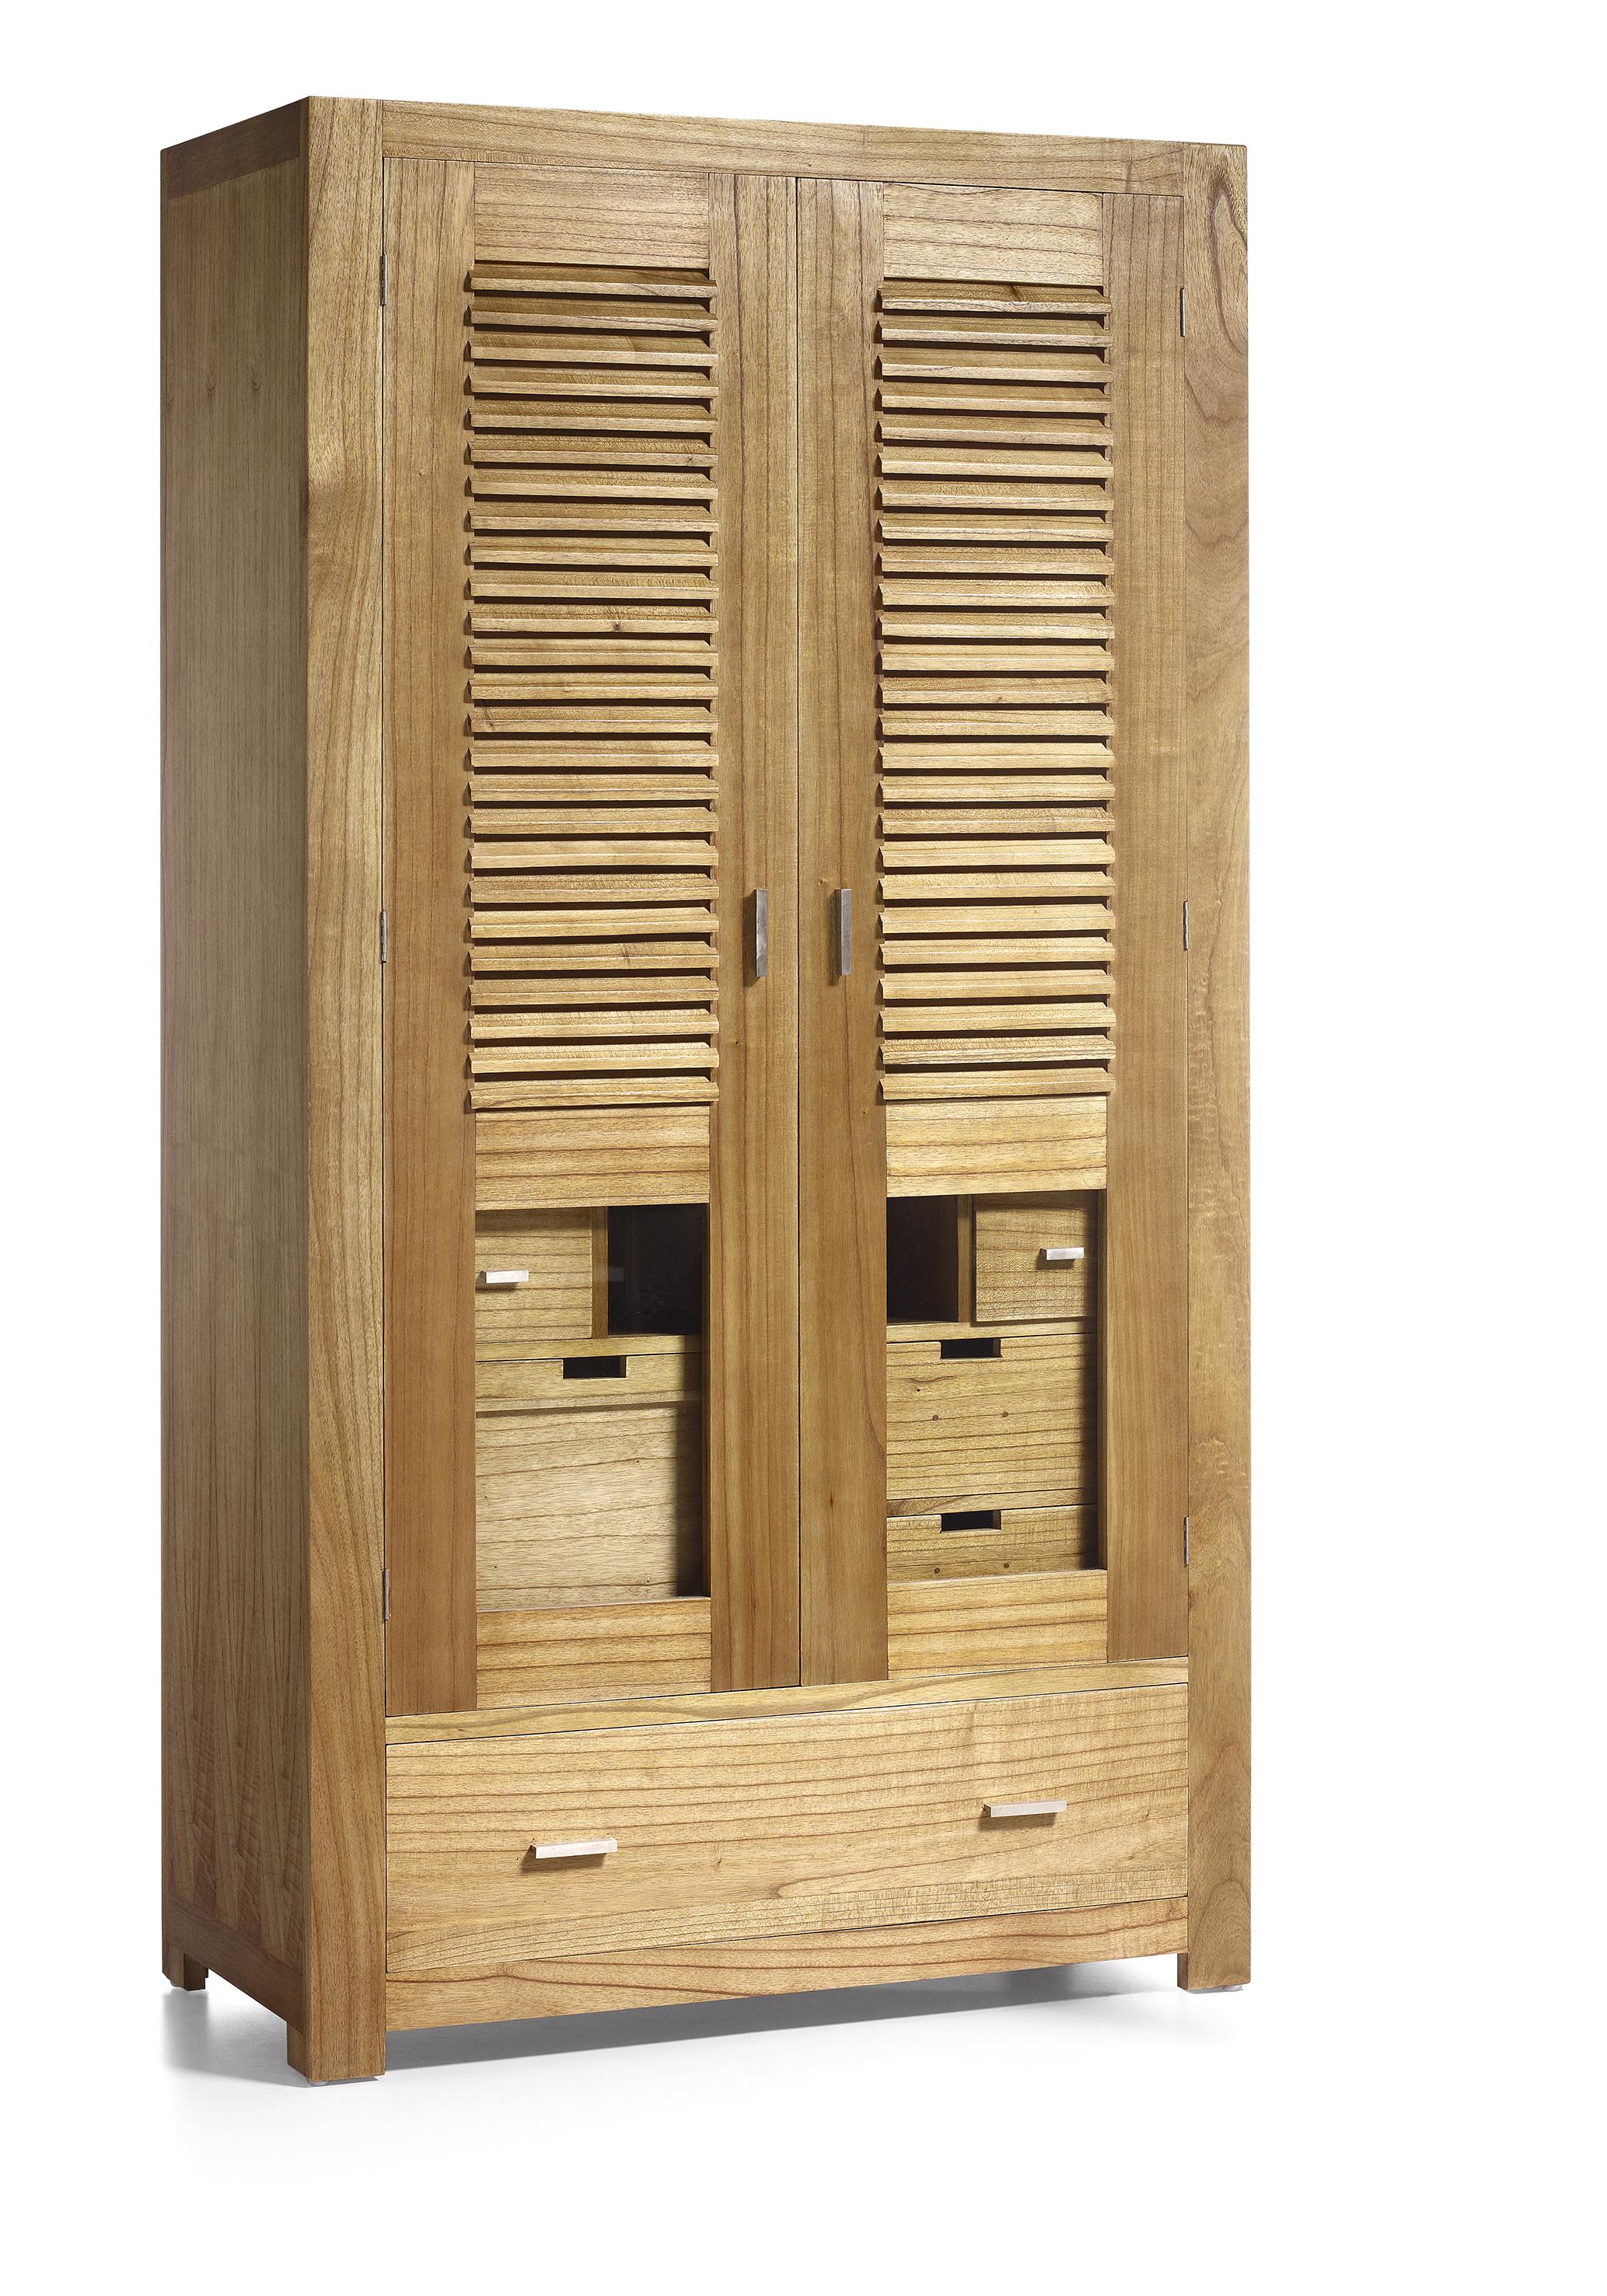 armoire penderie en bois naturel 5 tiroirs 2 portes avec rangement chaussures 108 50 200. Black Bedroom Furniture Sets. Home Design Ideas